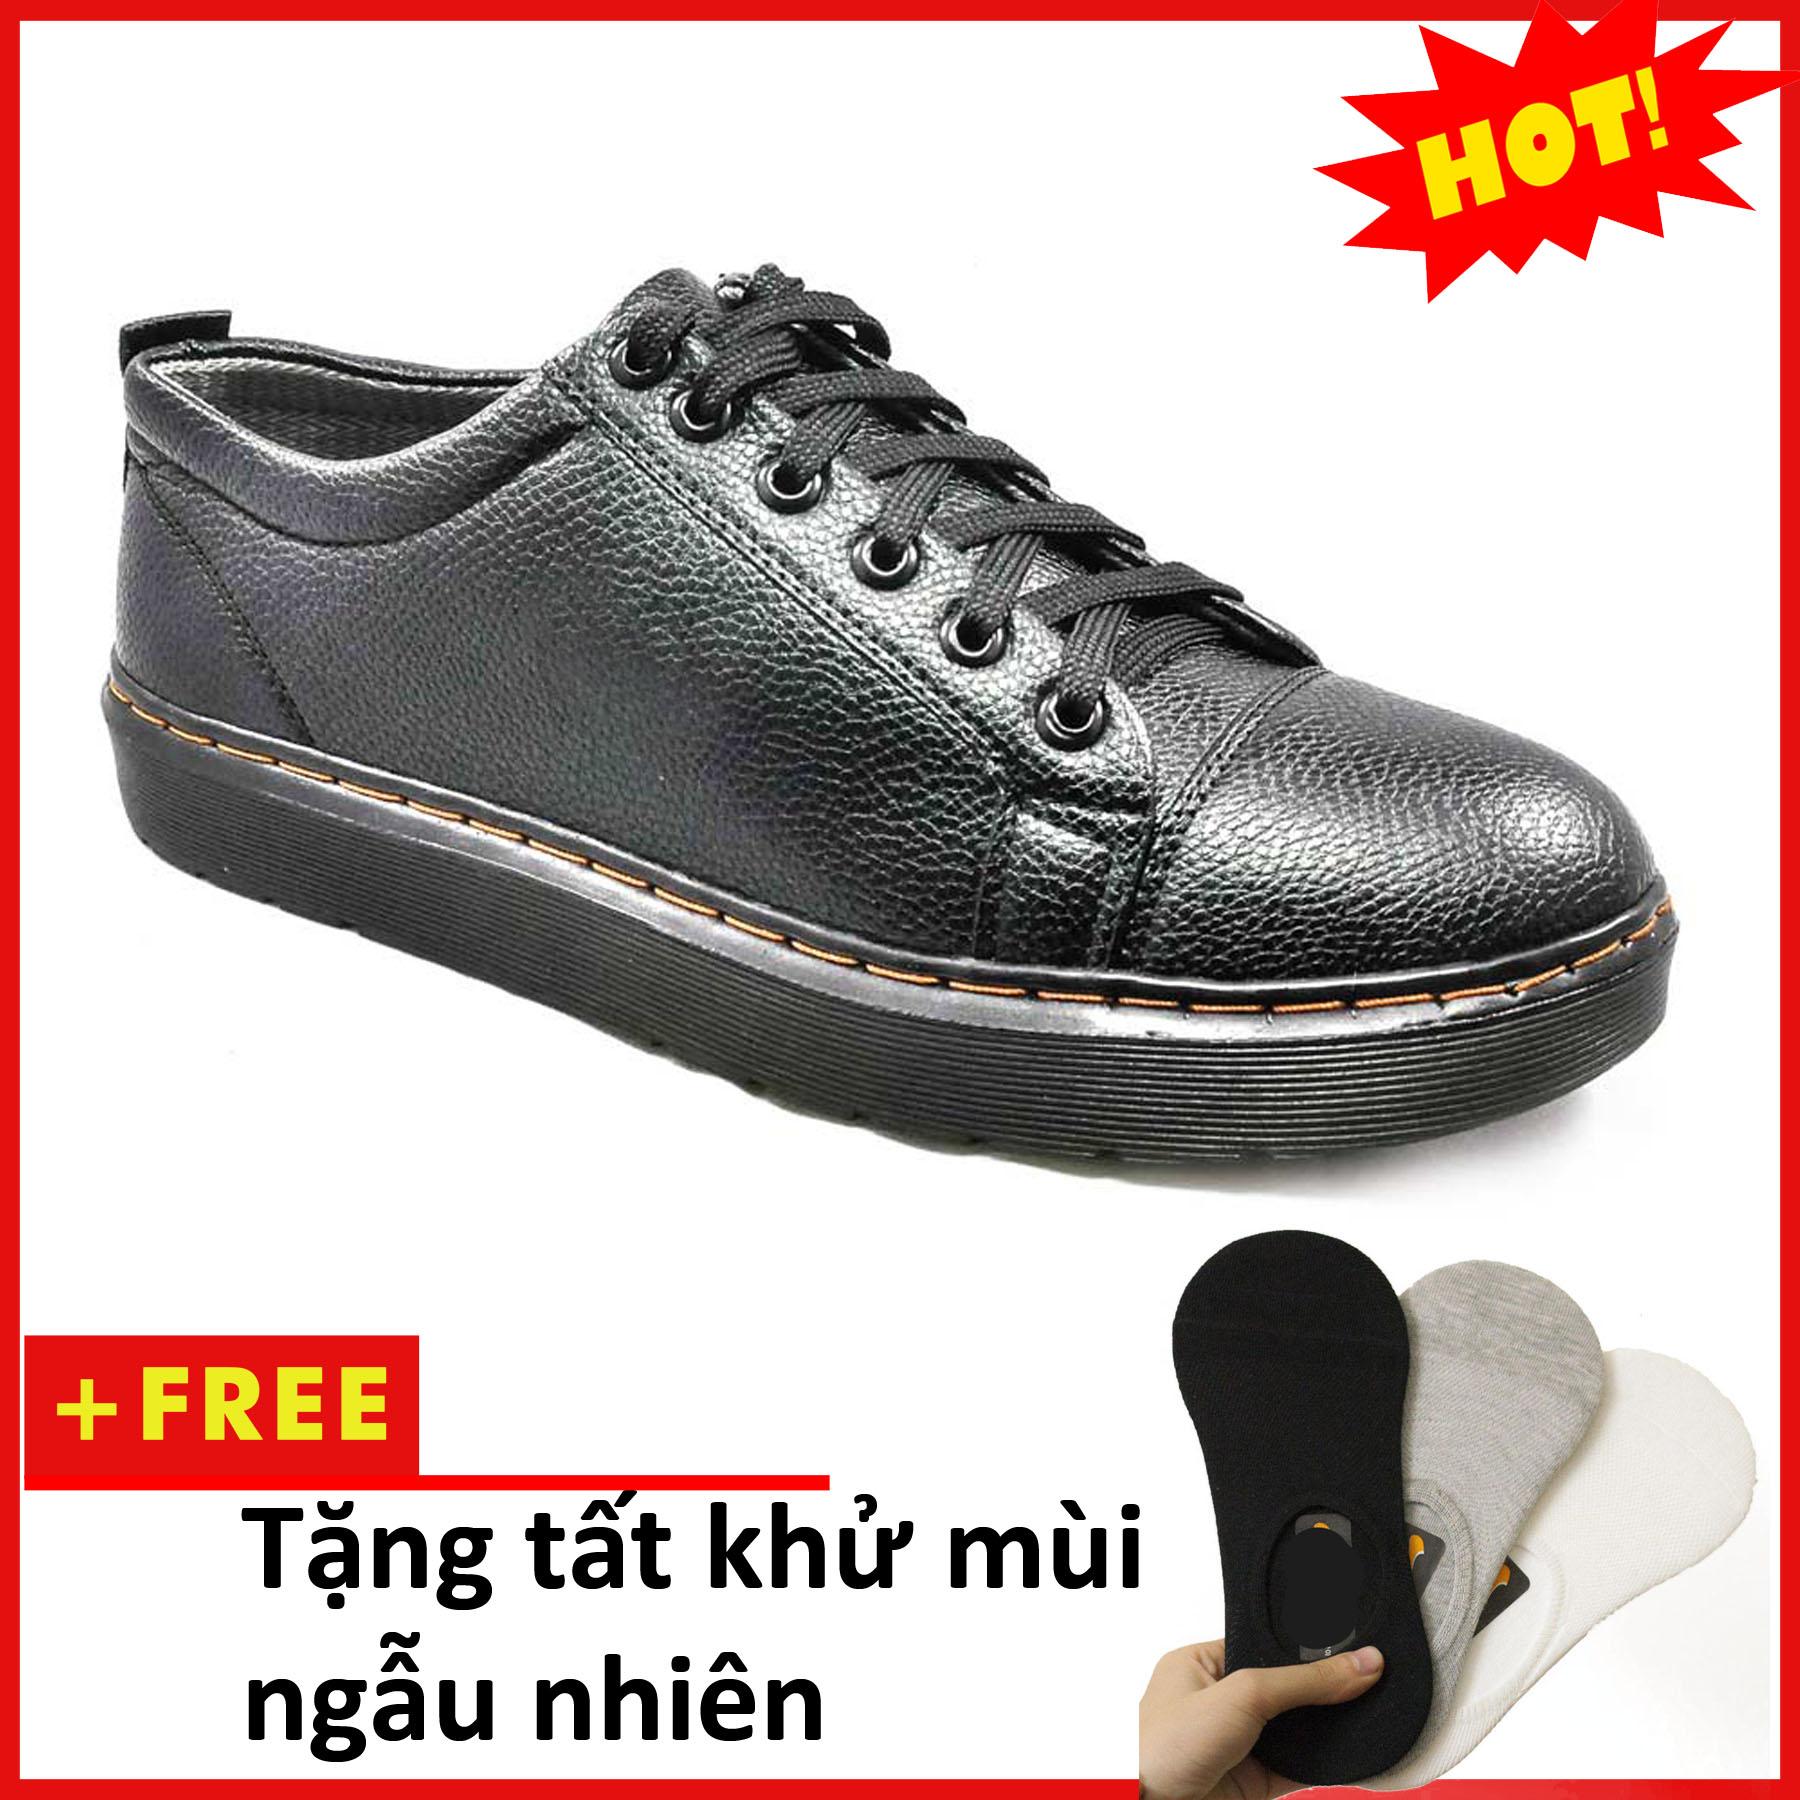 Giày Boot Nam Ngắn Cổ Màu Đen Đế Được Khâu Chắc Chắn - M90-Tặng tất khử mùi